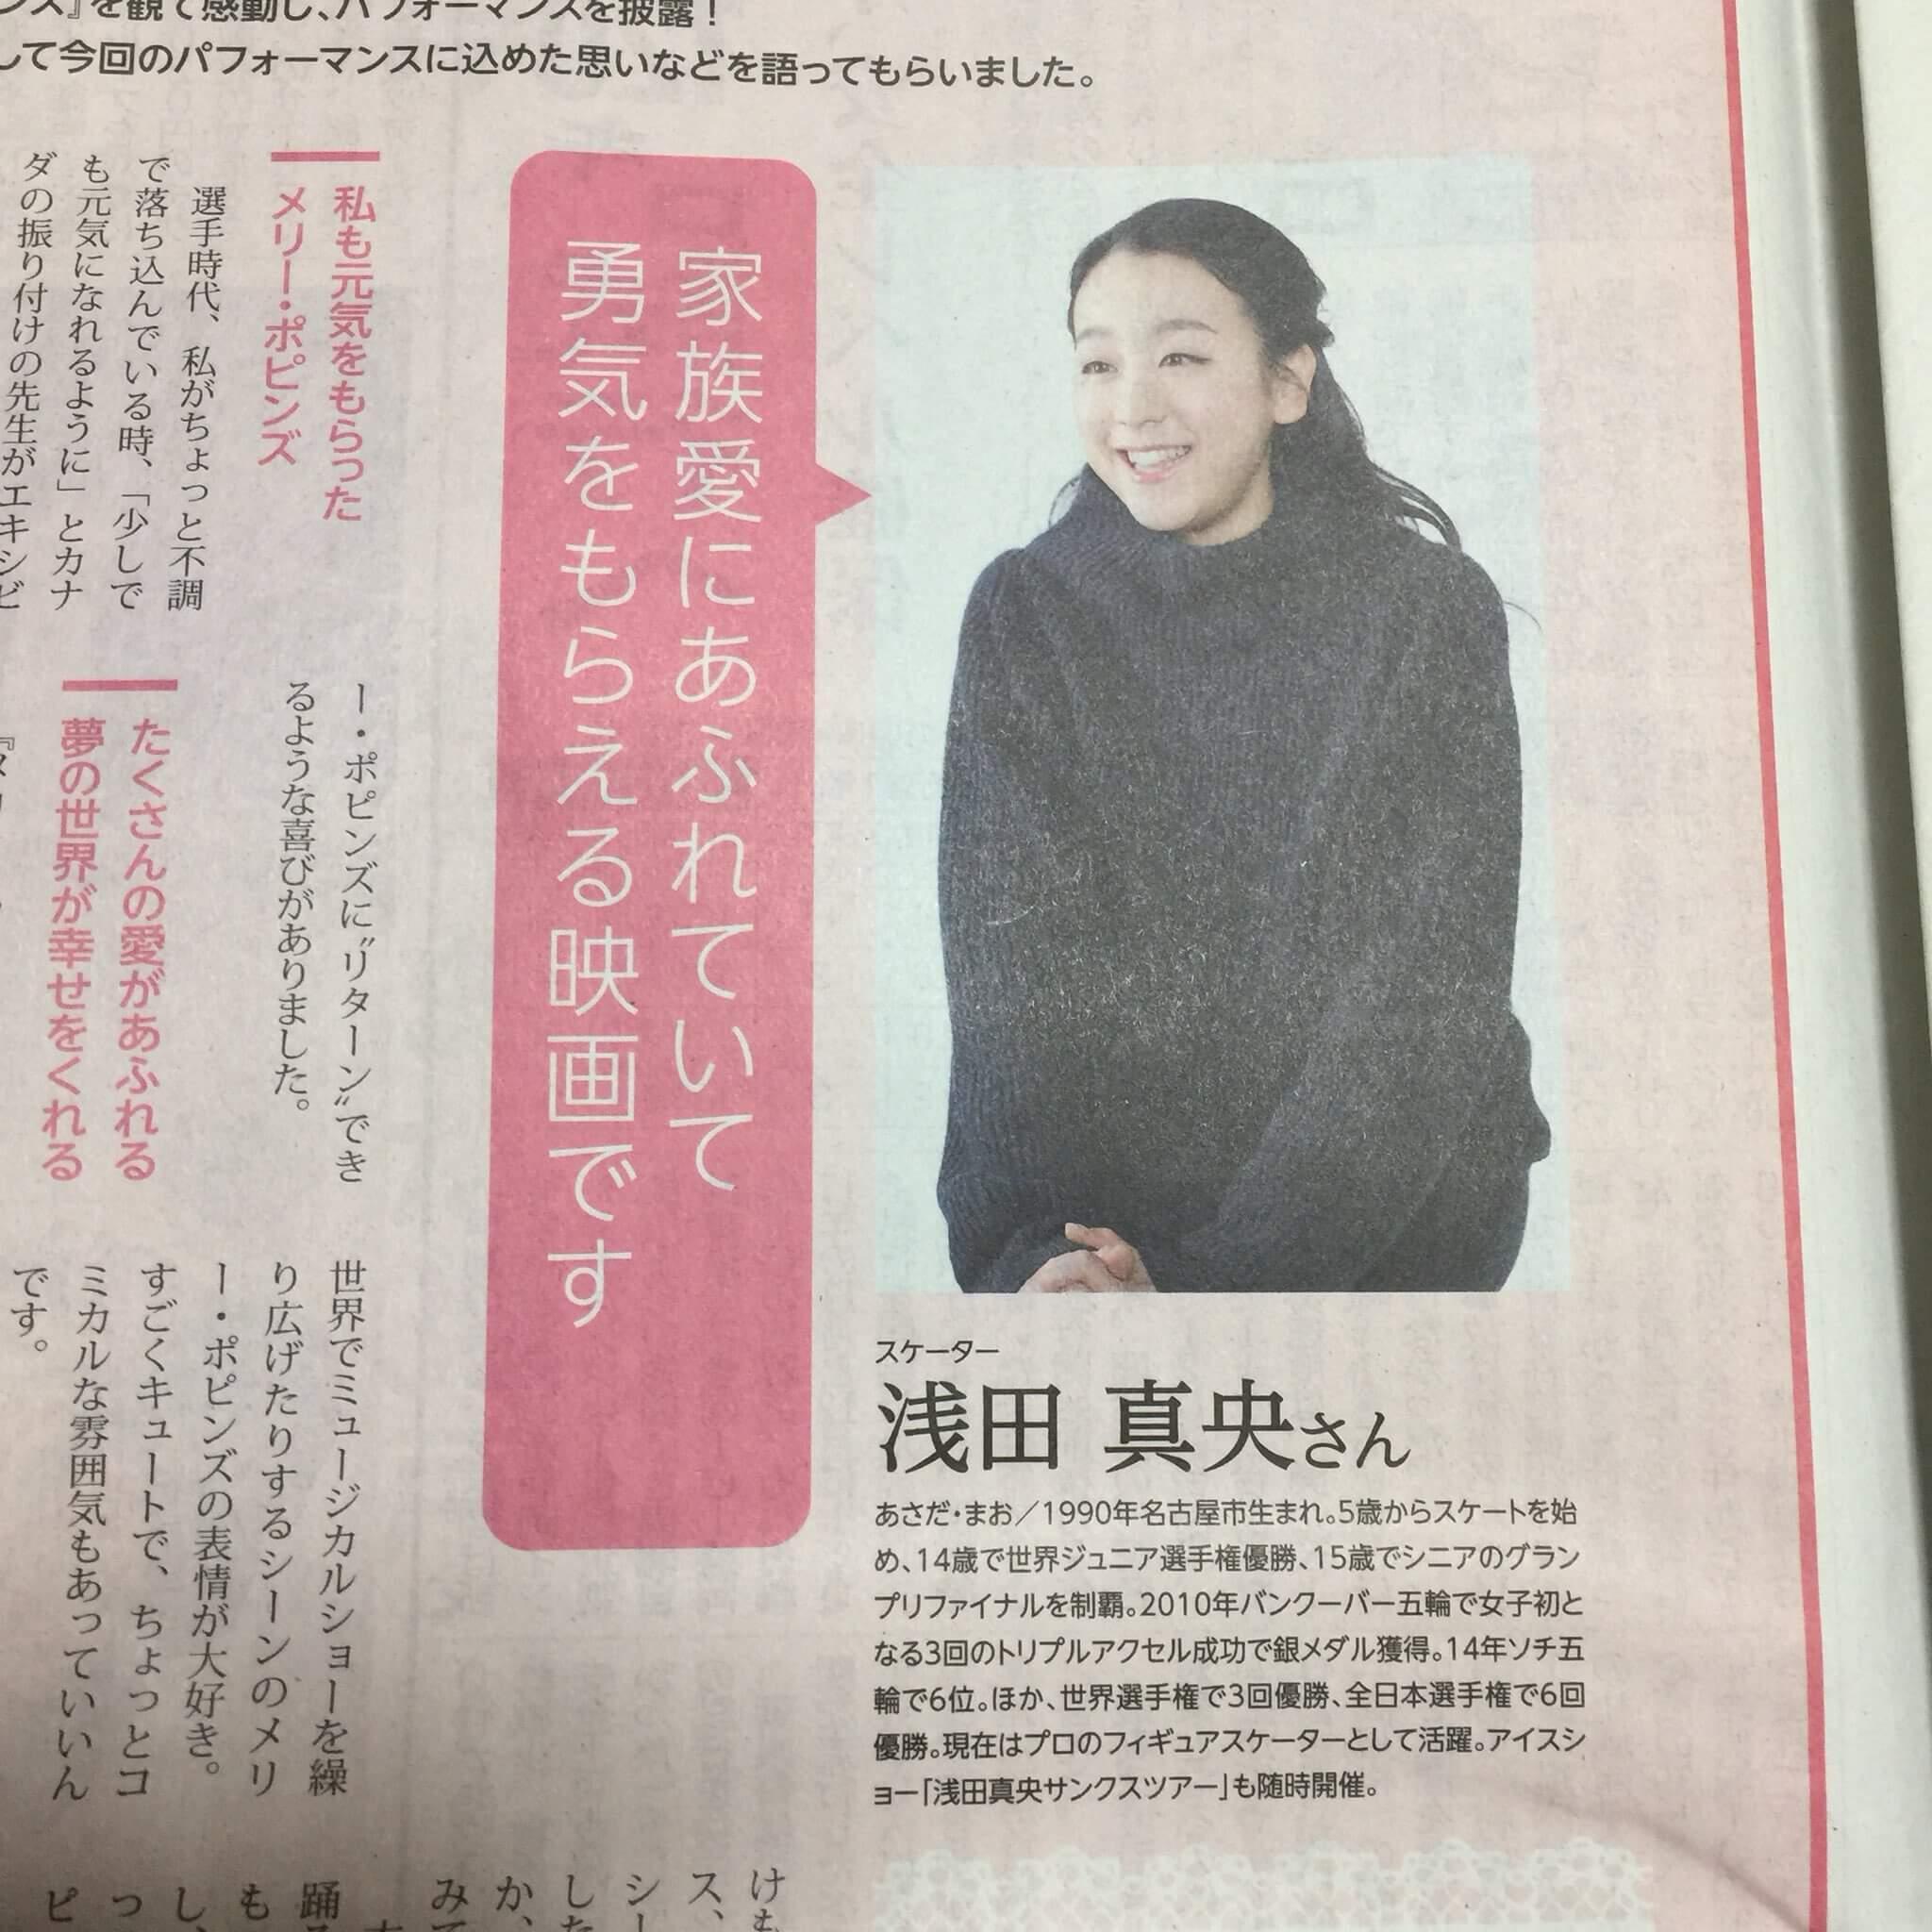 本日の朝日新聞朝刊に浅田真央のインタが!メリーポピンズリターンズについて。